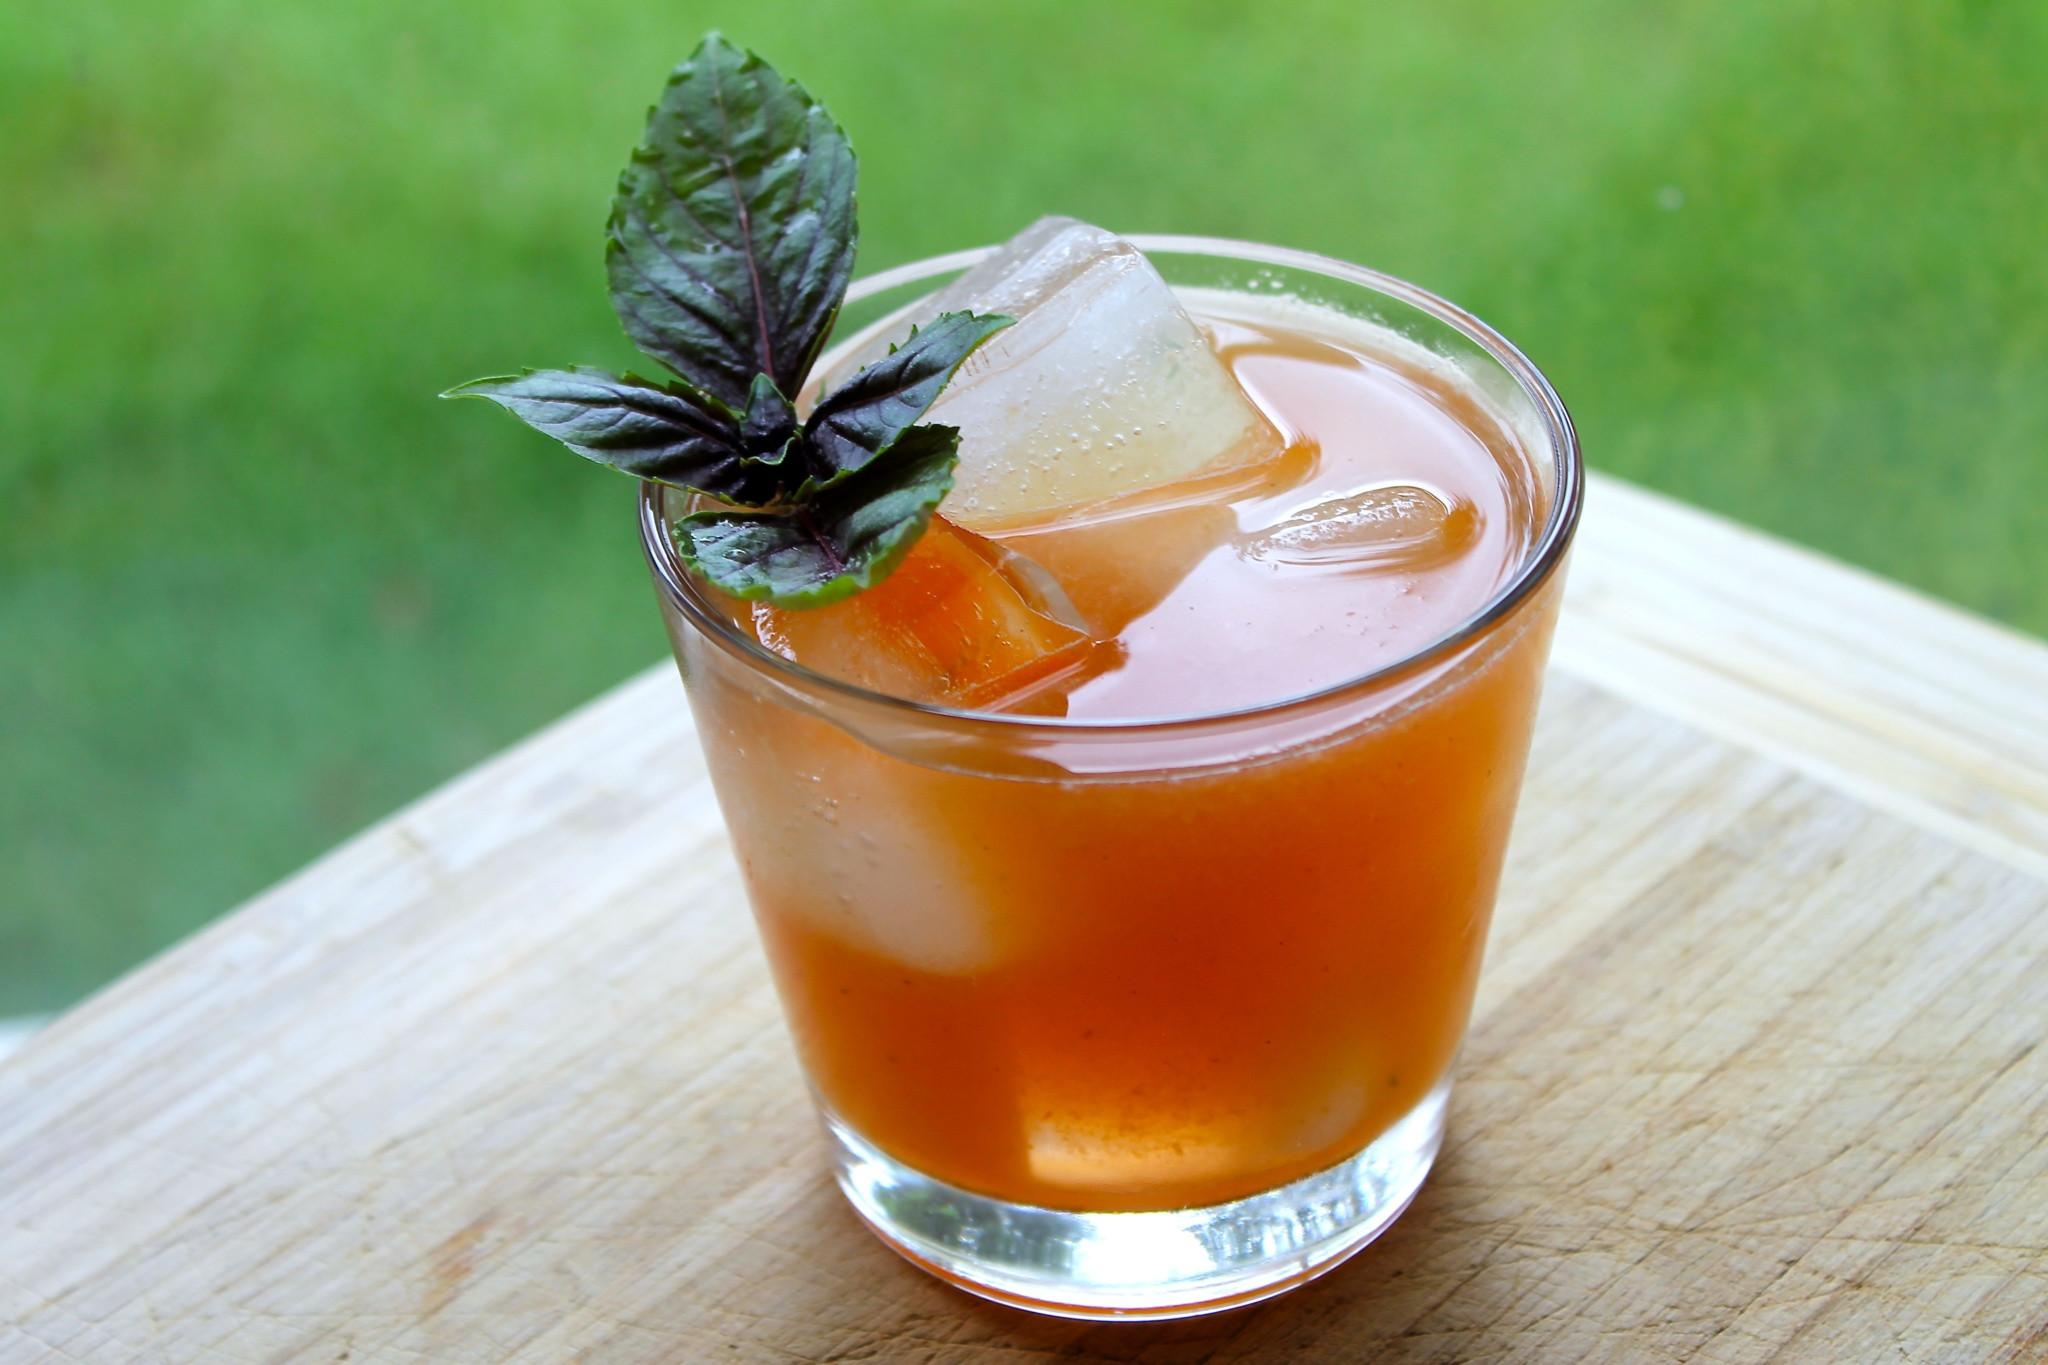 Summertime Rum Drinks  Georgia Summer A Rum Cocktail SAVOIR FAIRE by enrilemoine